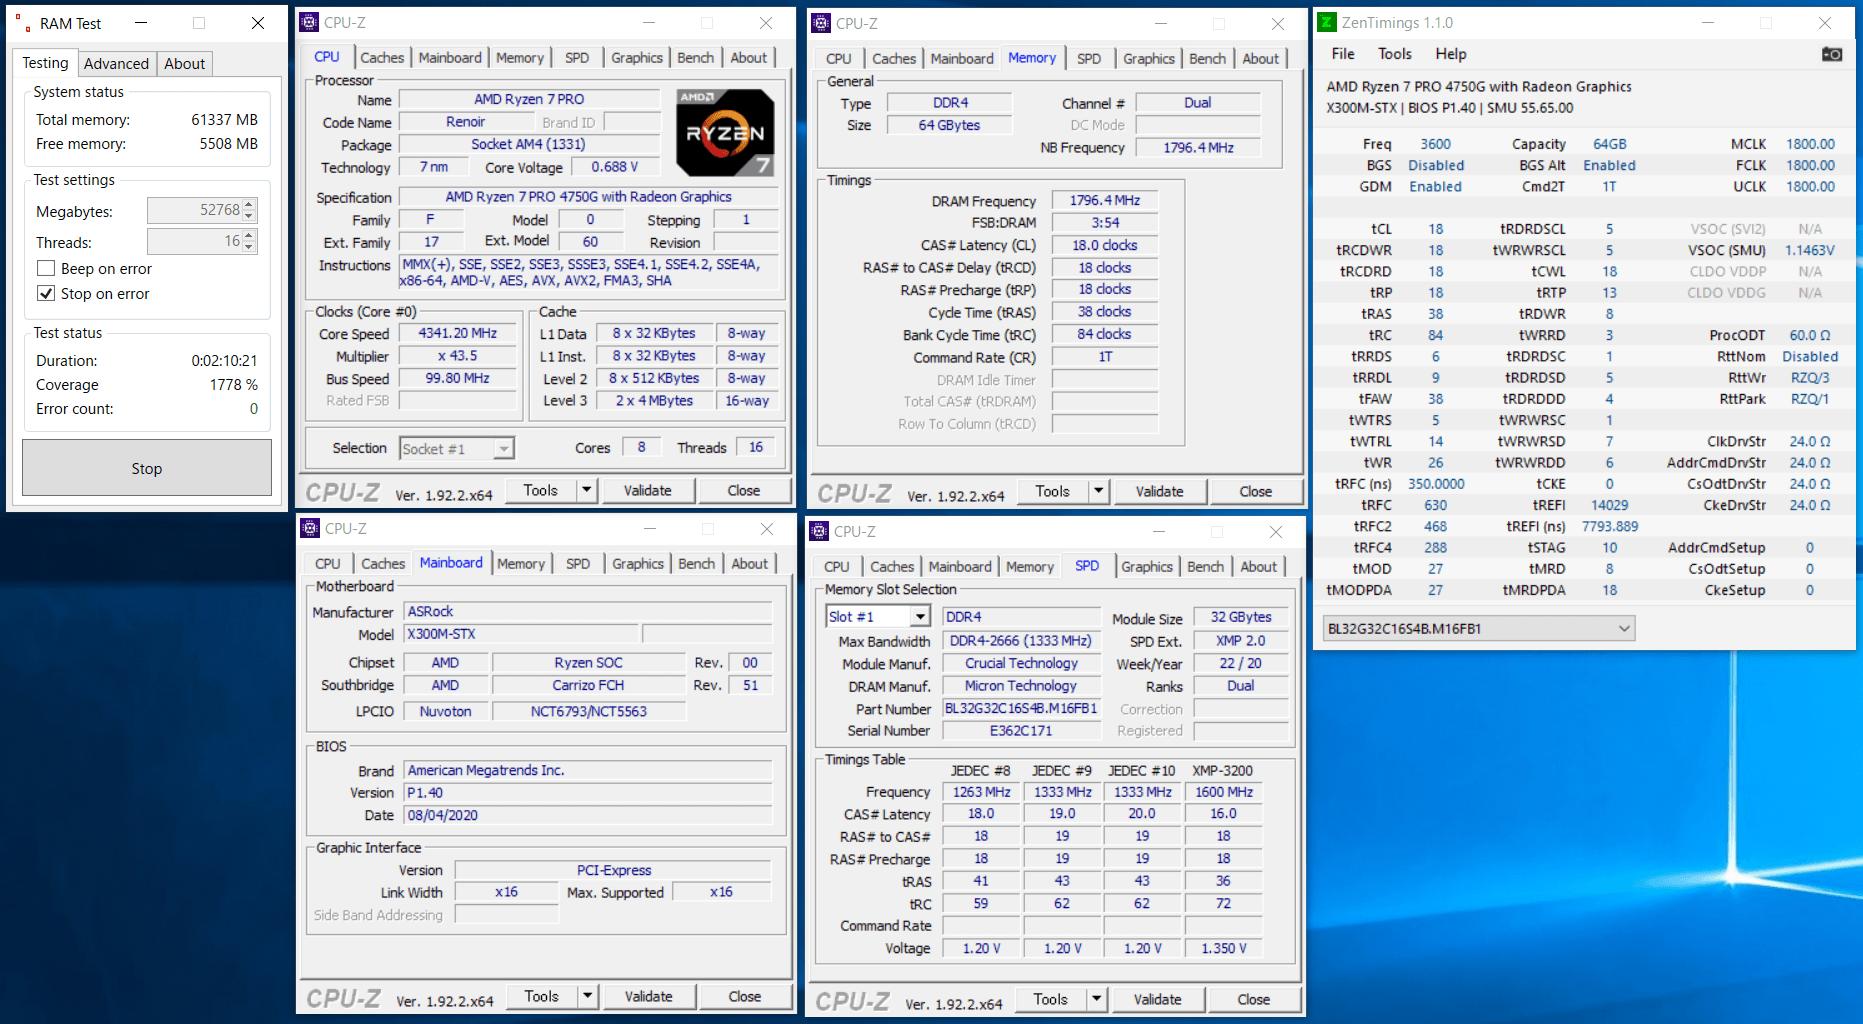 ASRock DeskMini X300_Ramtest_Ballistix BL2K32G32C16S4B